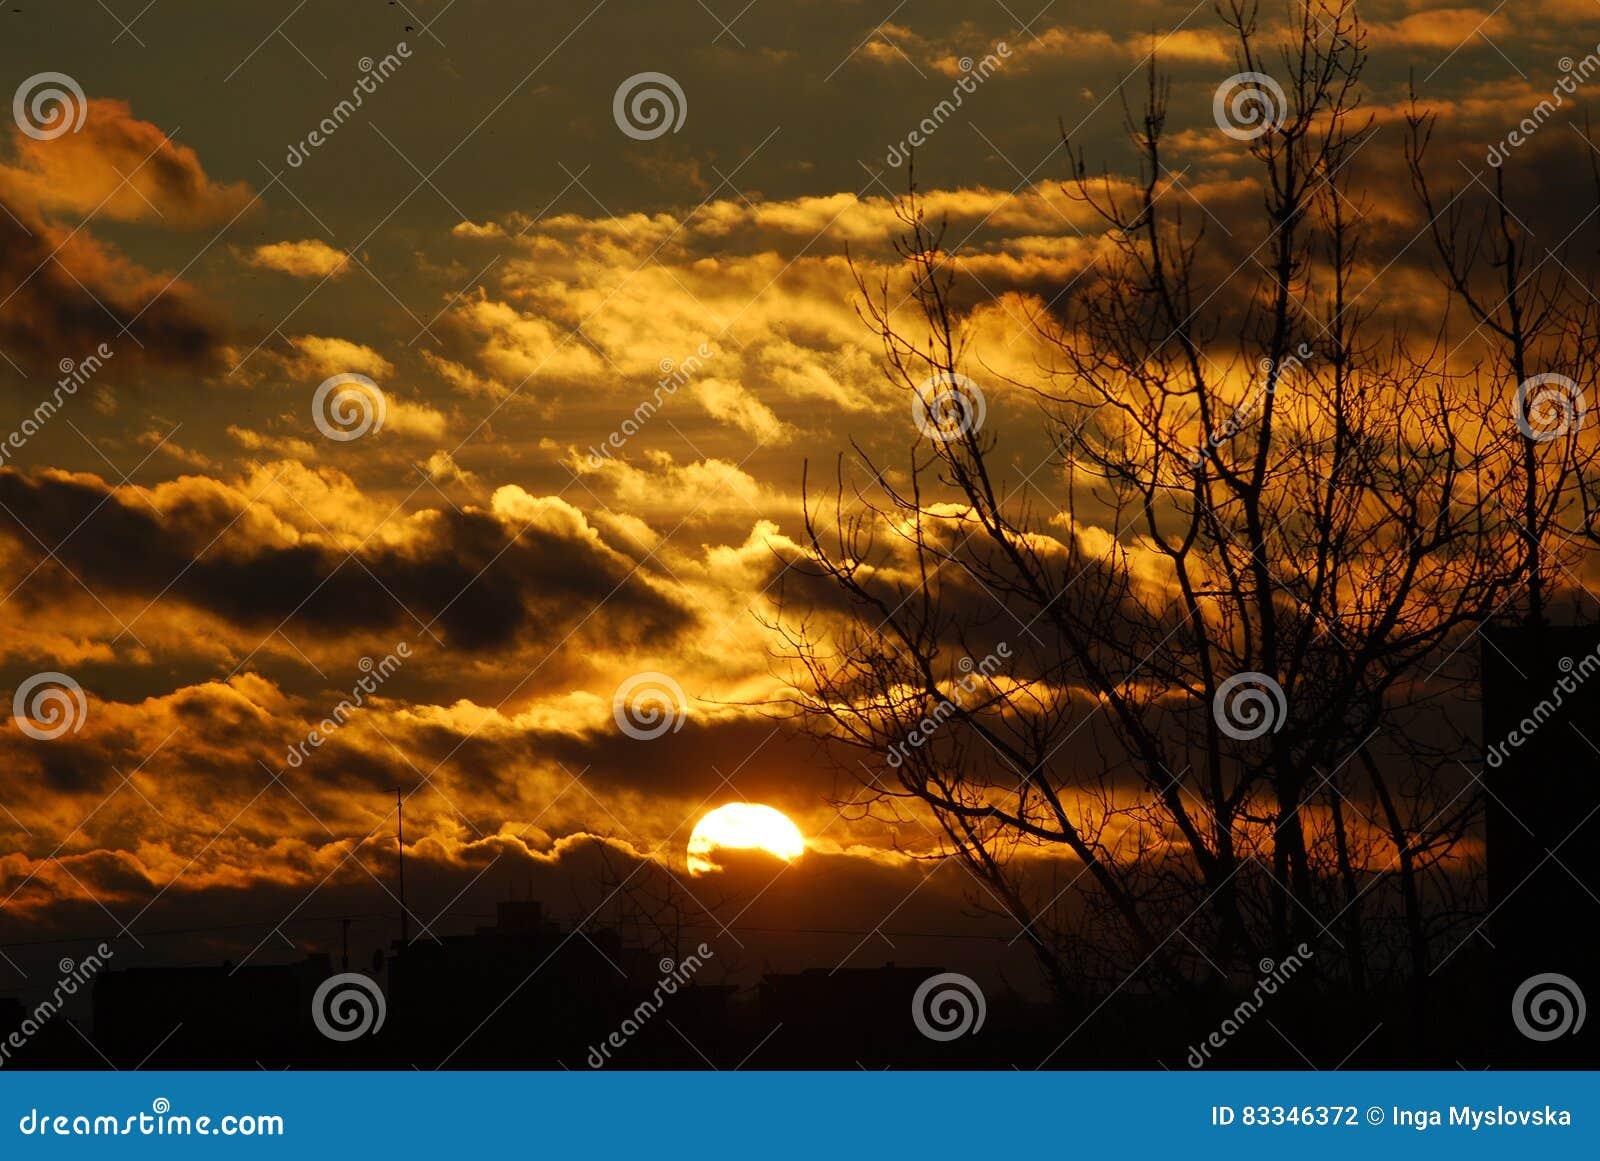 Темнота заволакивает желтое заходящее солнце